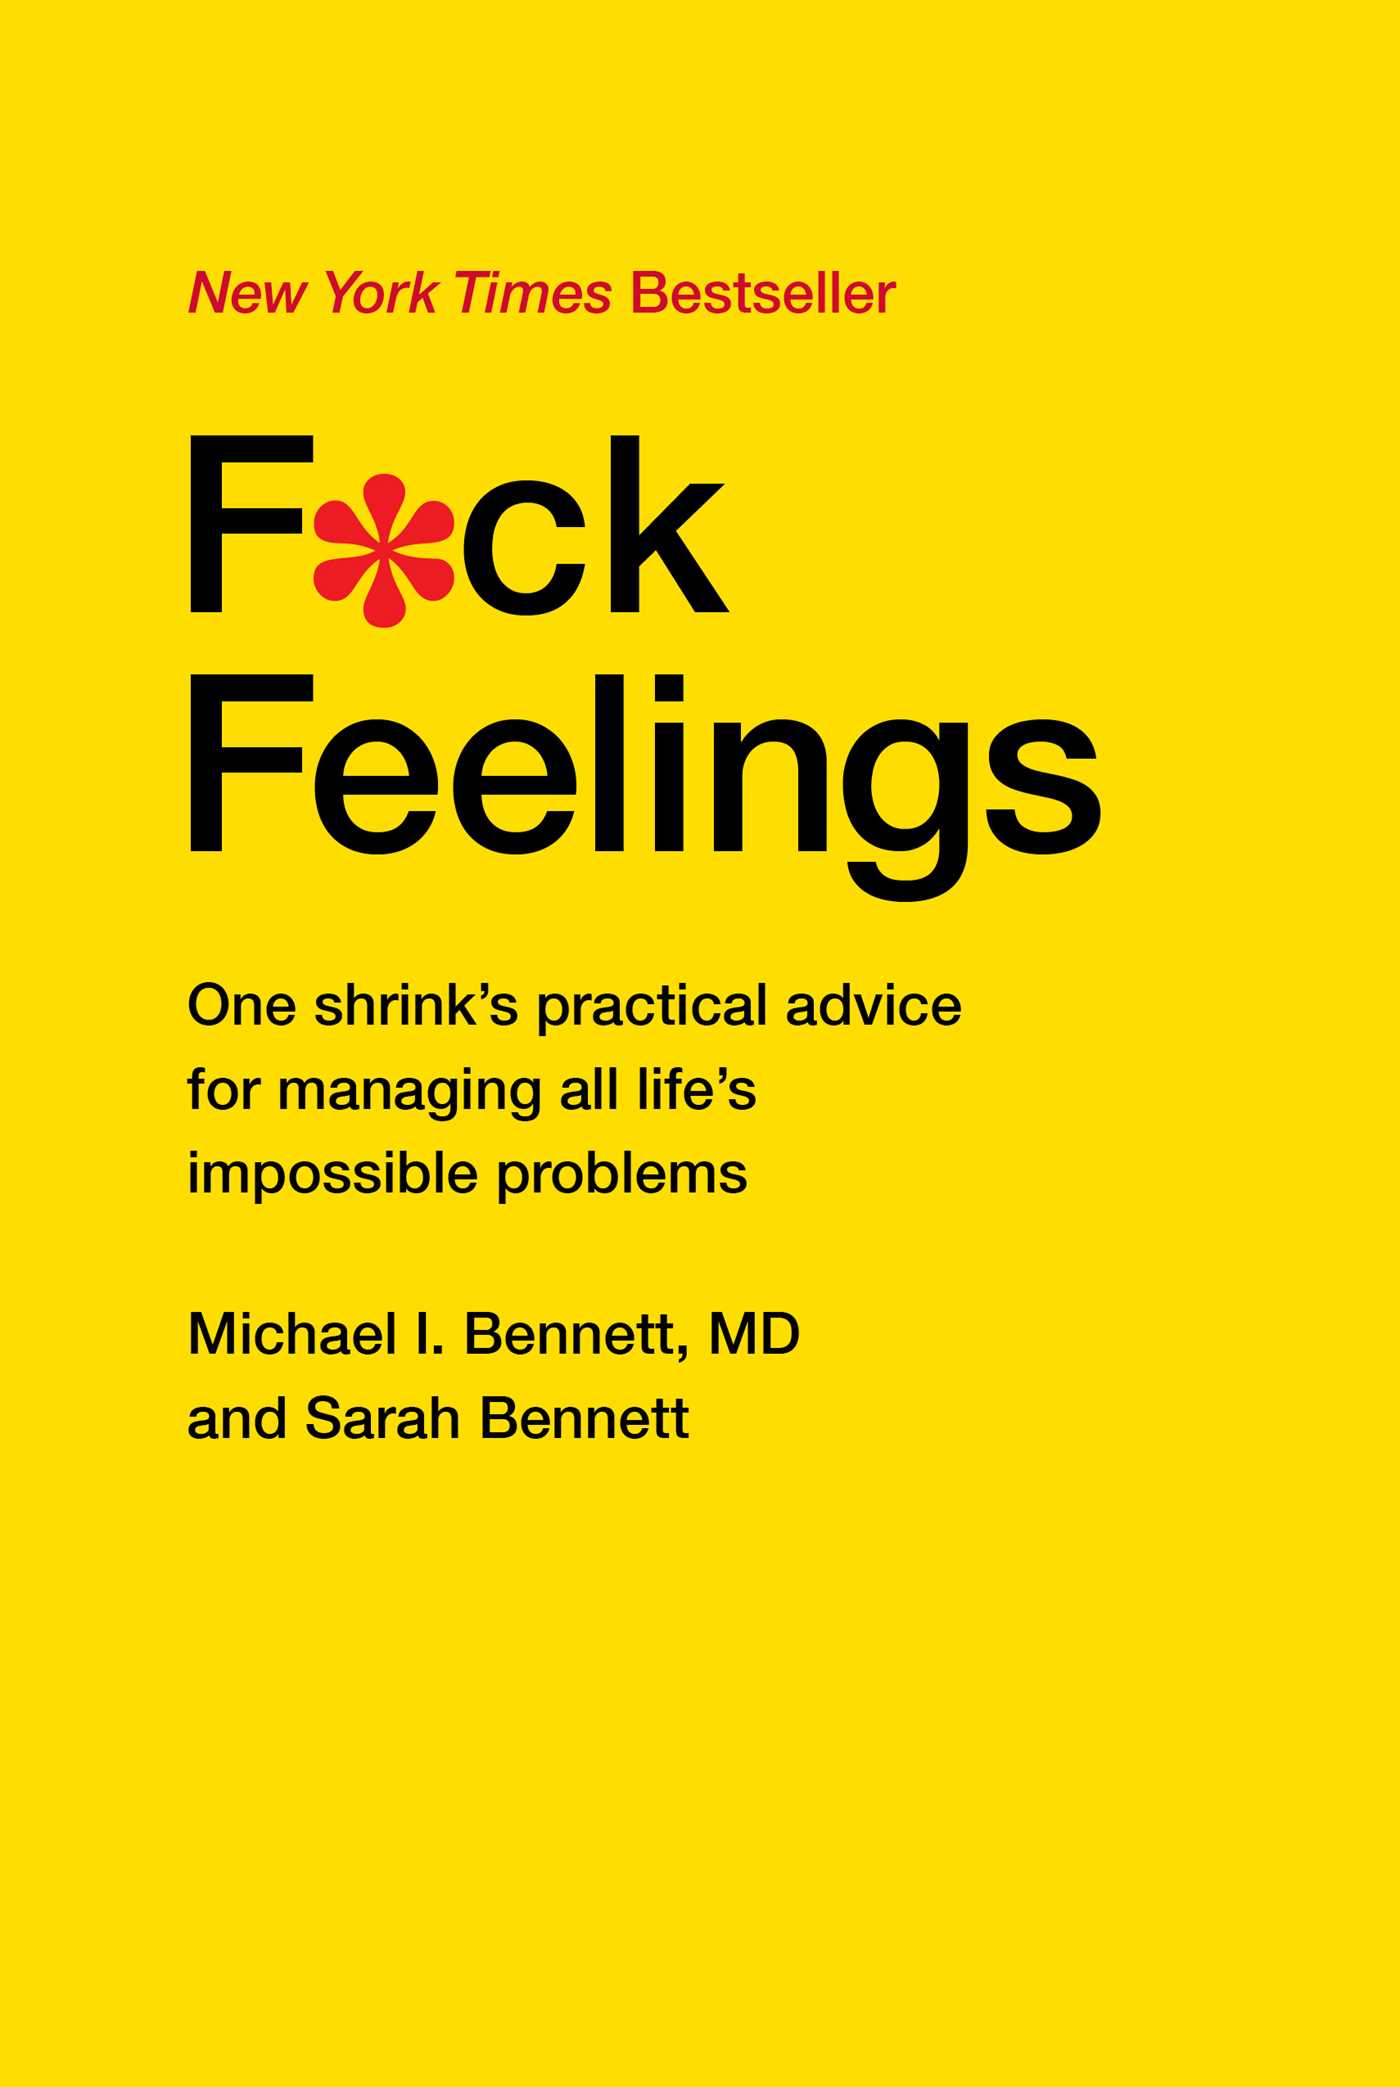 F*ck Feelings